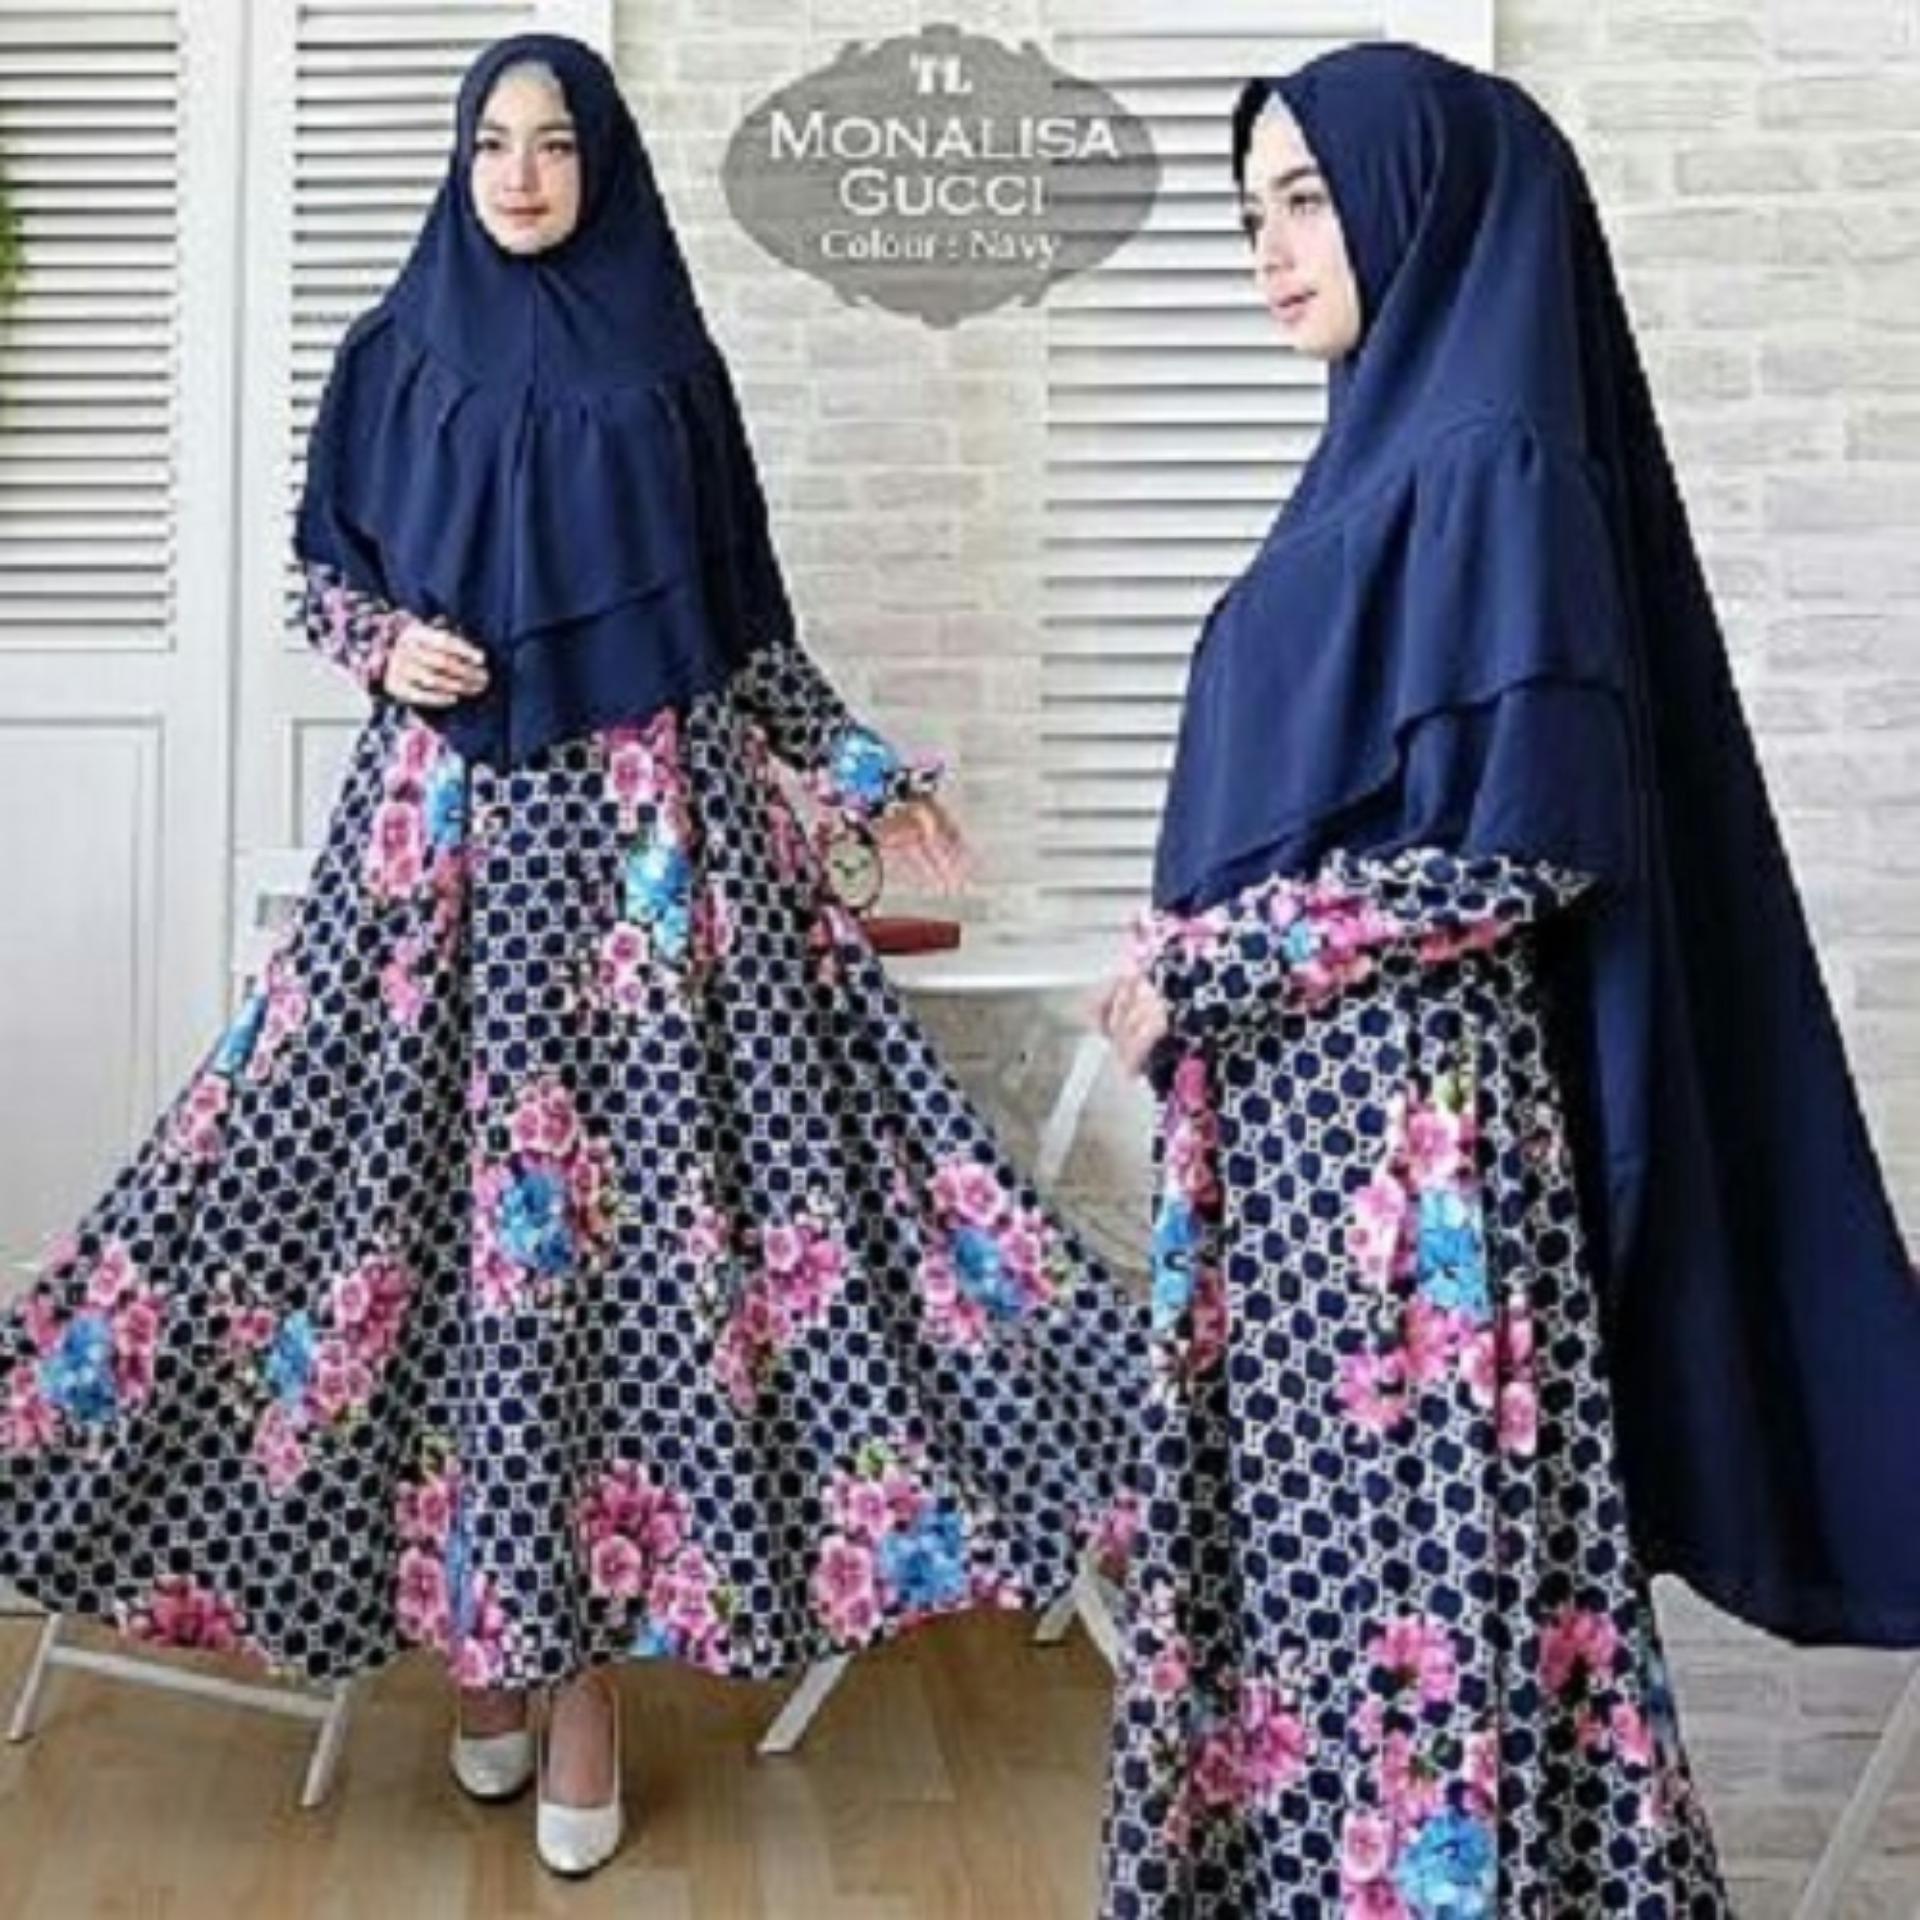 Fastawal Collection - Gamis Wanita Syari - Gamis Muslimah Fashionable - Syari Monalisa Gucci